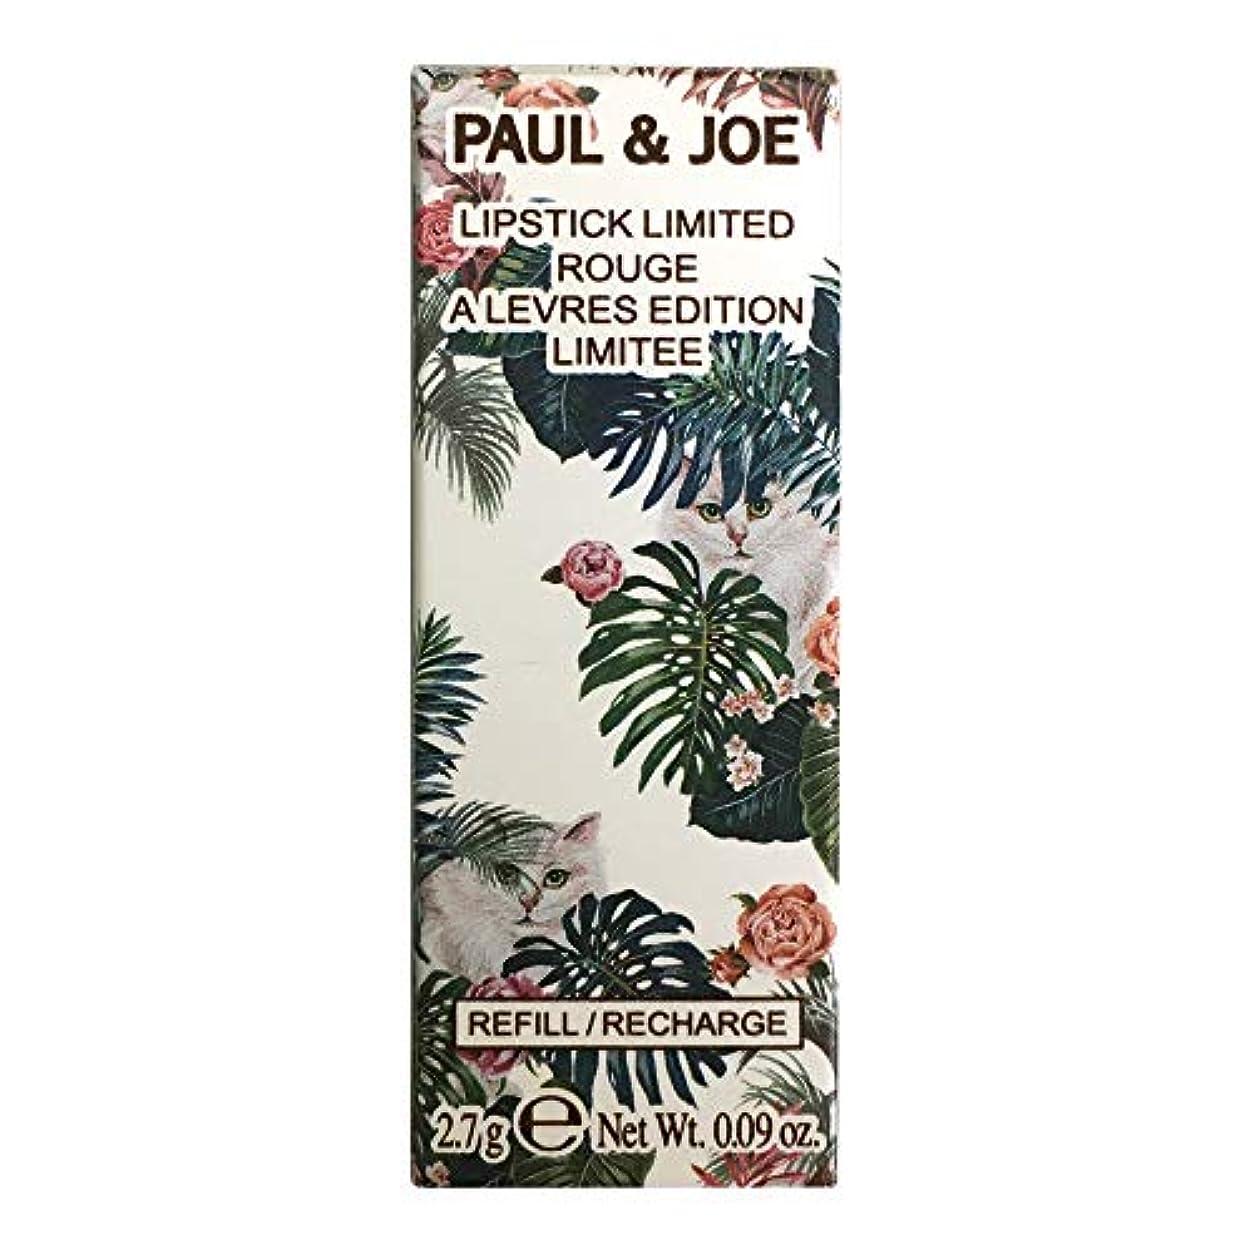 湾法廷将来のポール & ジョー/PAUL & JOE リップスティック リミテッド #006(レフィル) (限定) [ 口紅 ] [並行輸入品]